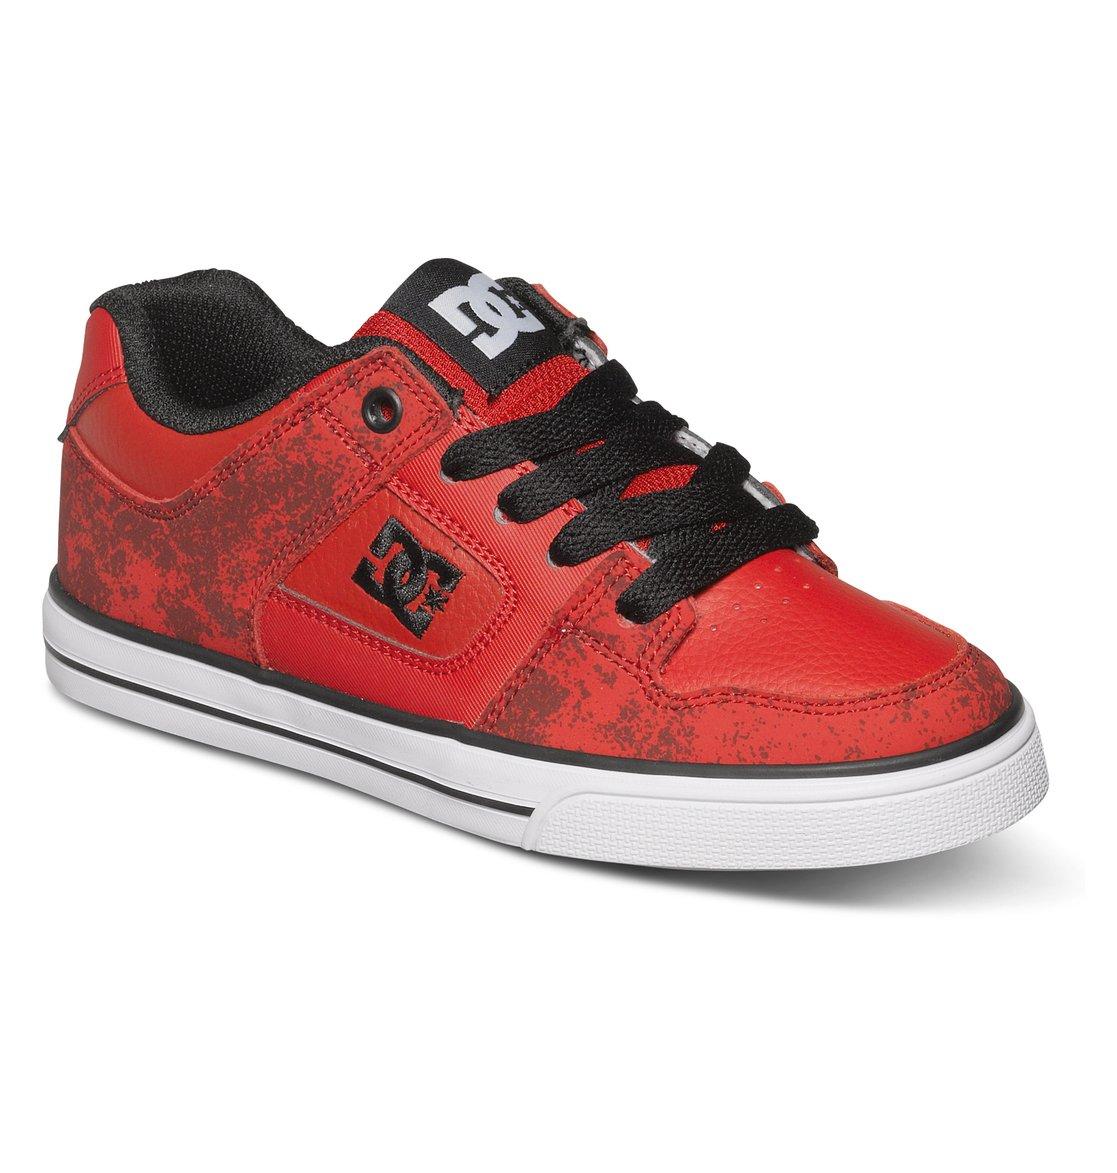 Pure SE - Dcshoes������ ������� ���� Pure SE �� DC Shoes. <br>��������������: ����������� ���������, ������� ��� � �������������� ���������, ������� ���� � ������� � ������ ������������, ����������� ����������, ��������� ��� �������� � ������������� ���������� � ����������� DC, ����������������� �����������, ������������� ���������� �������, ��������� ������� ���������� ������� DC Pill Pattern. <br>������: ����: ���� / ���������: �������� / �������: ������.<br>